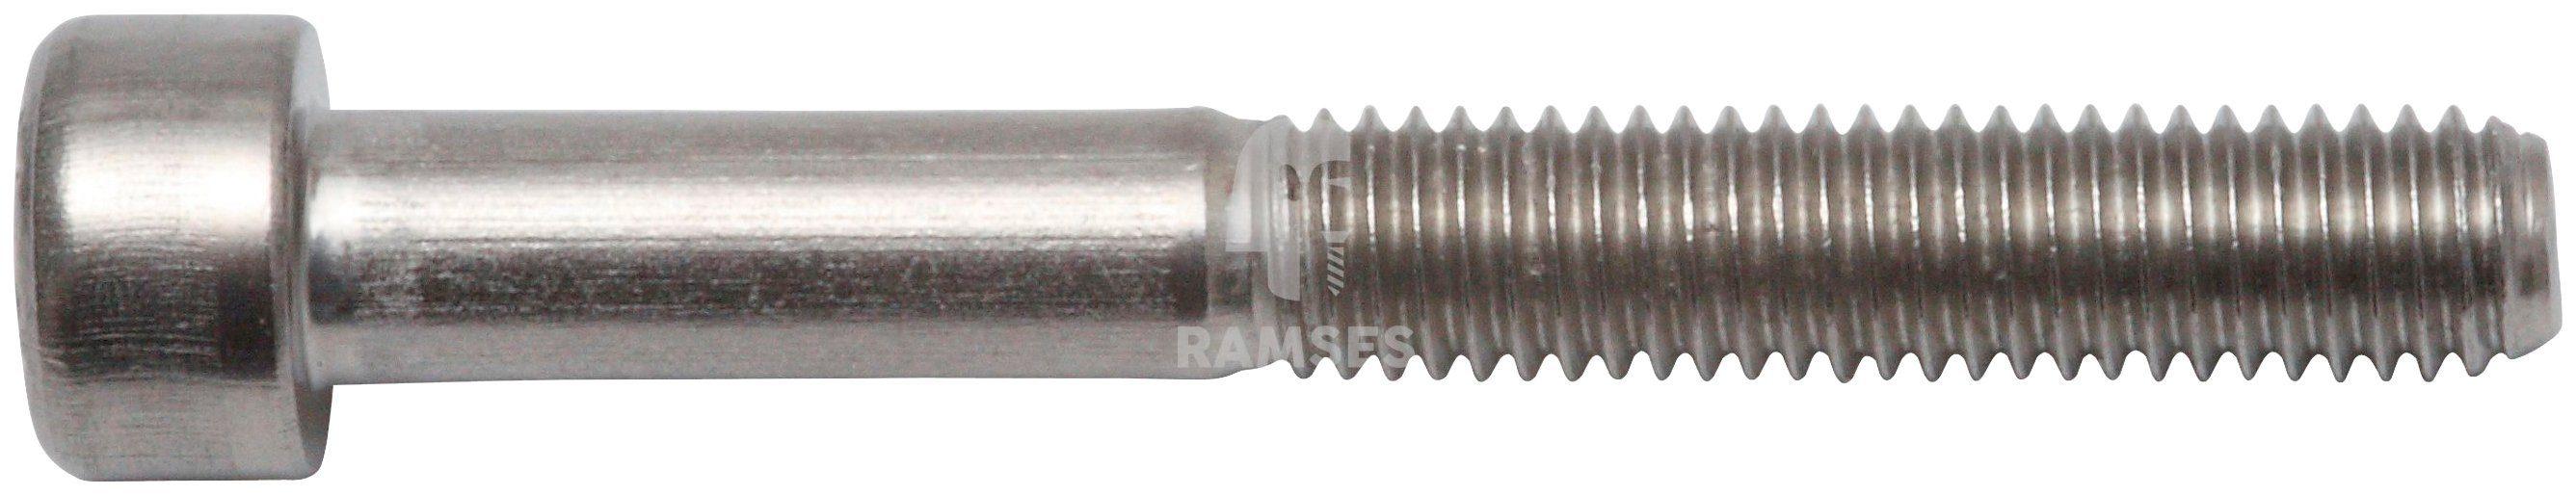 RAMSES Schrauben , Zylinderschraube M8 x 25 mm SW6 40 Stk.